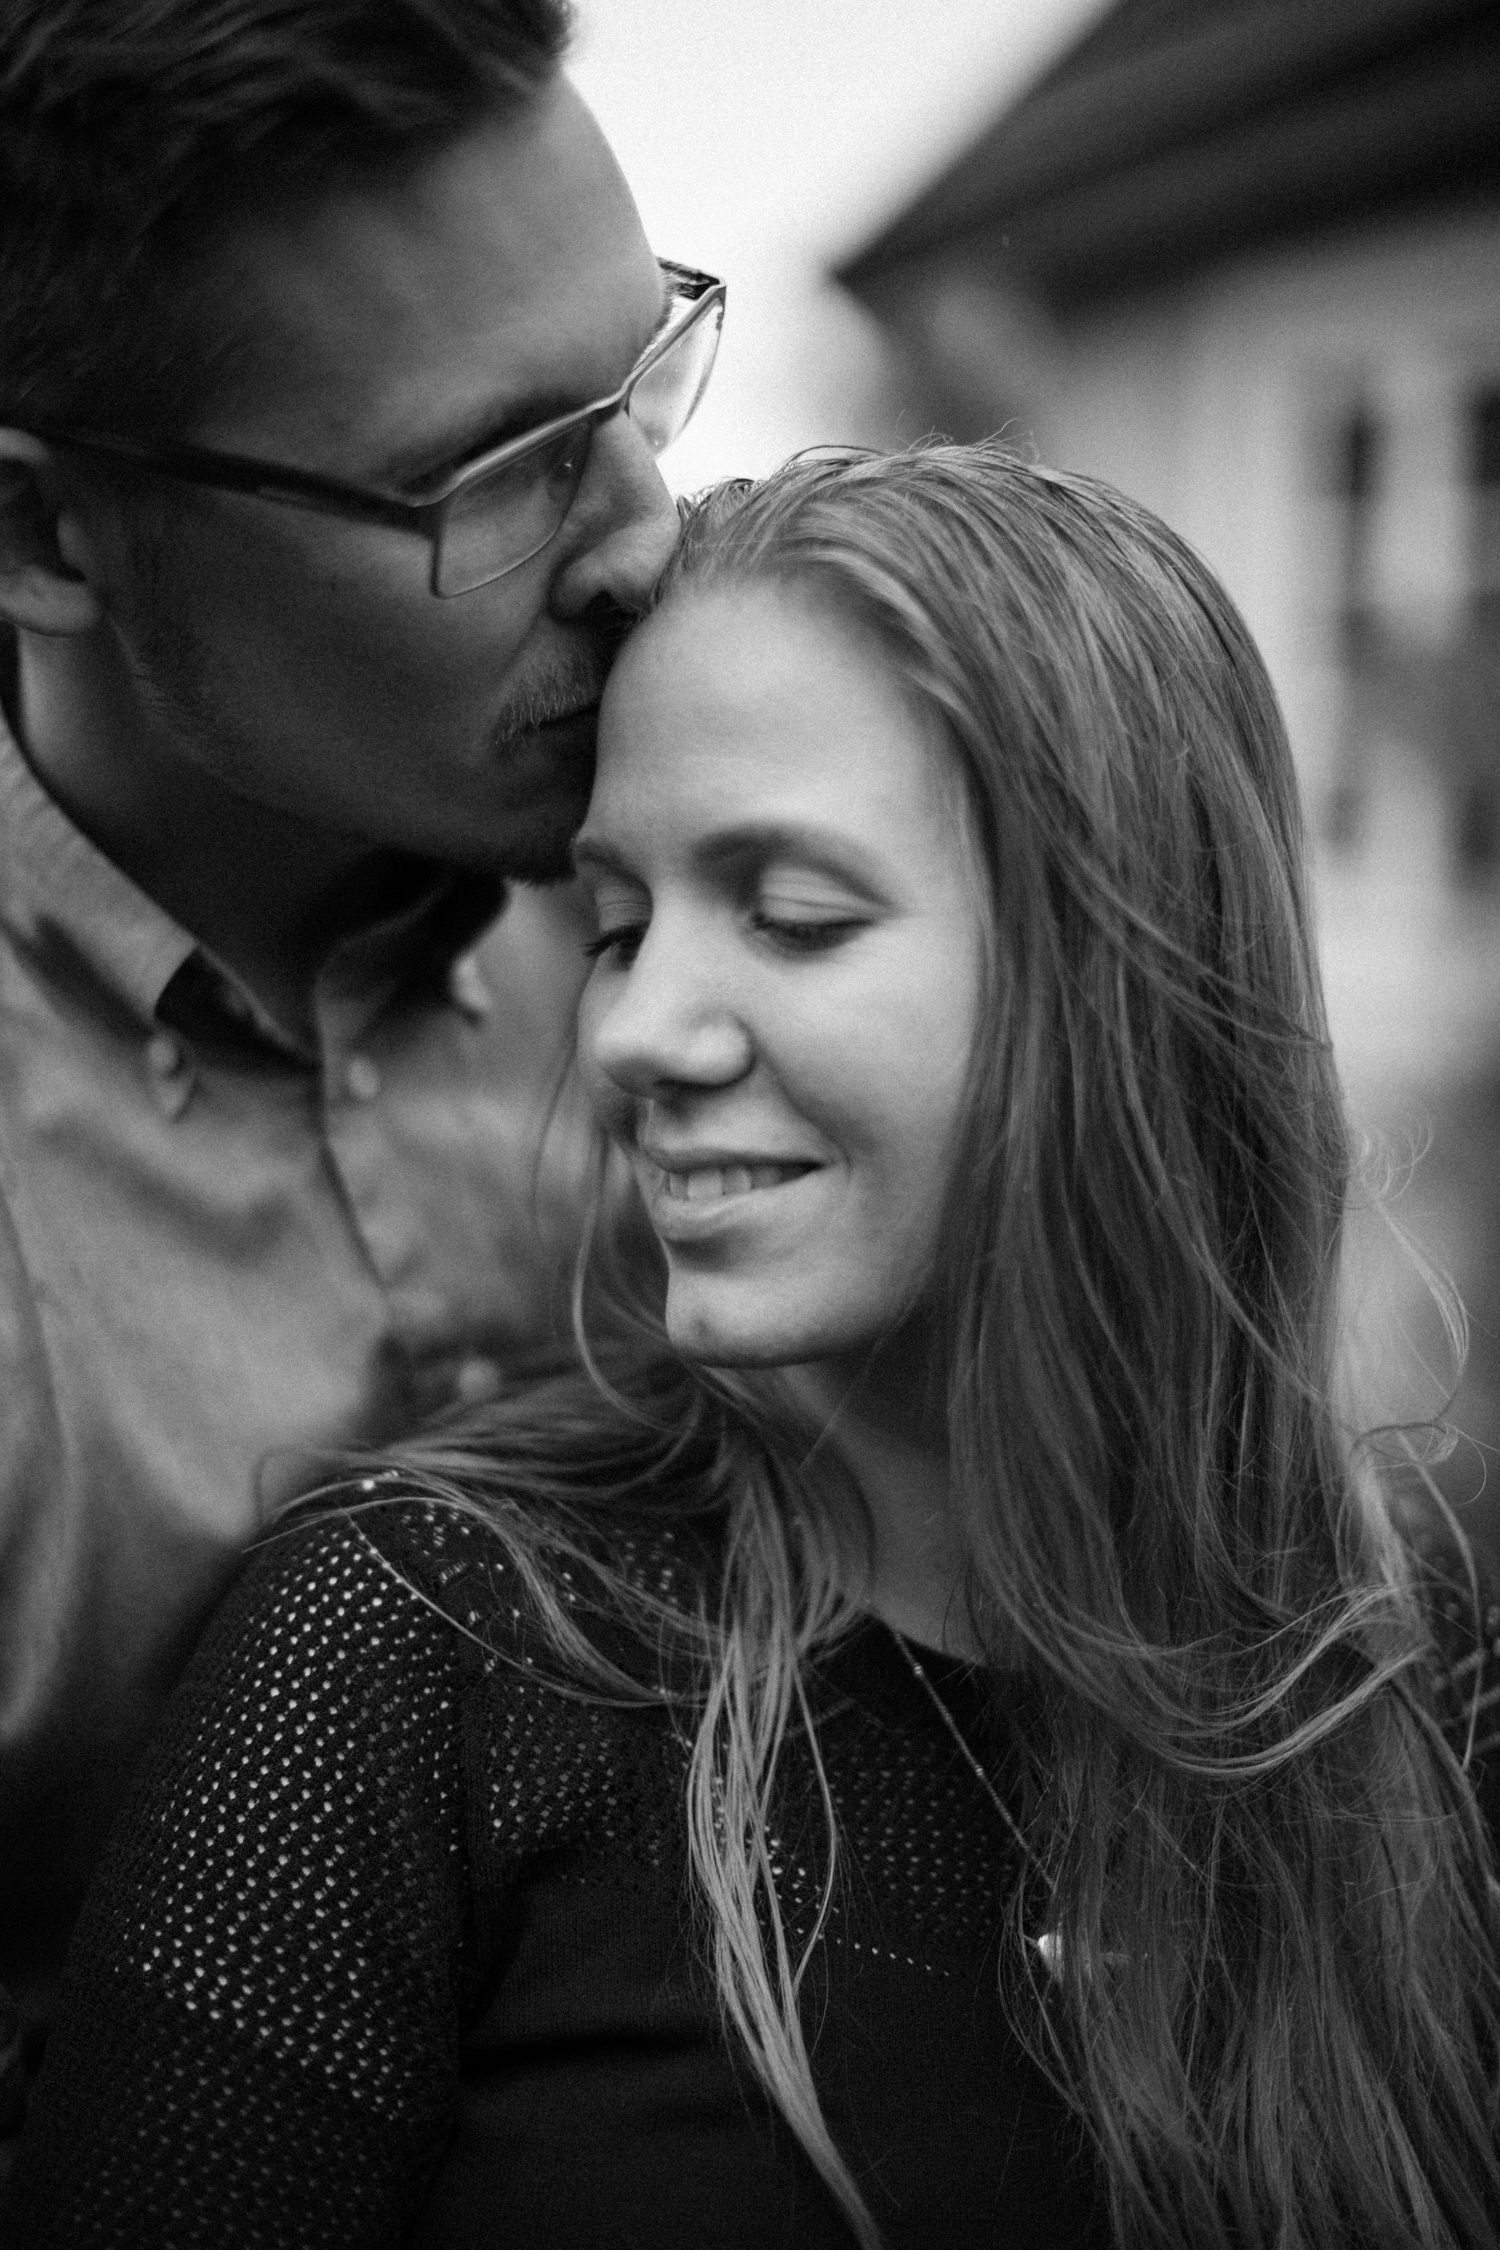 Svartvitt och kärleksfulltt porträtt på blivande brudpar under deras provfotografering i Yngsjö, Skåne. Bröllopsfotograf är Tove Lundquist.